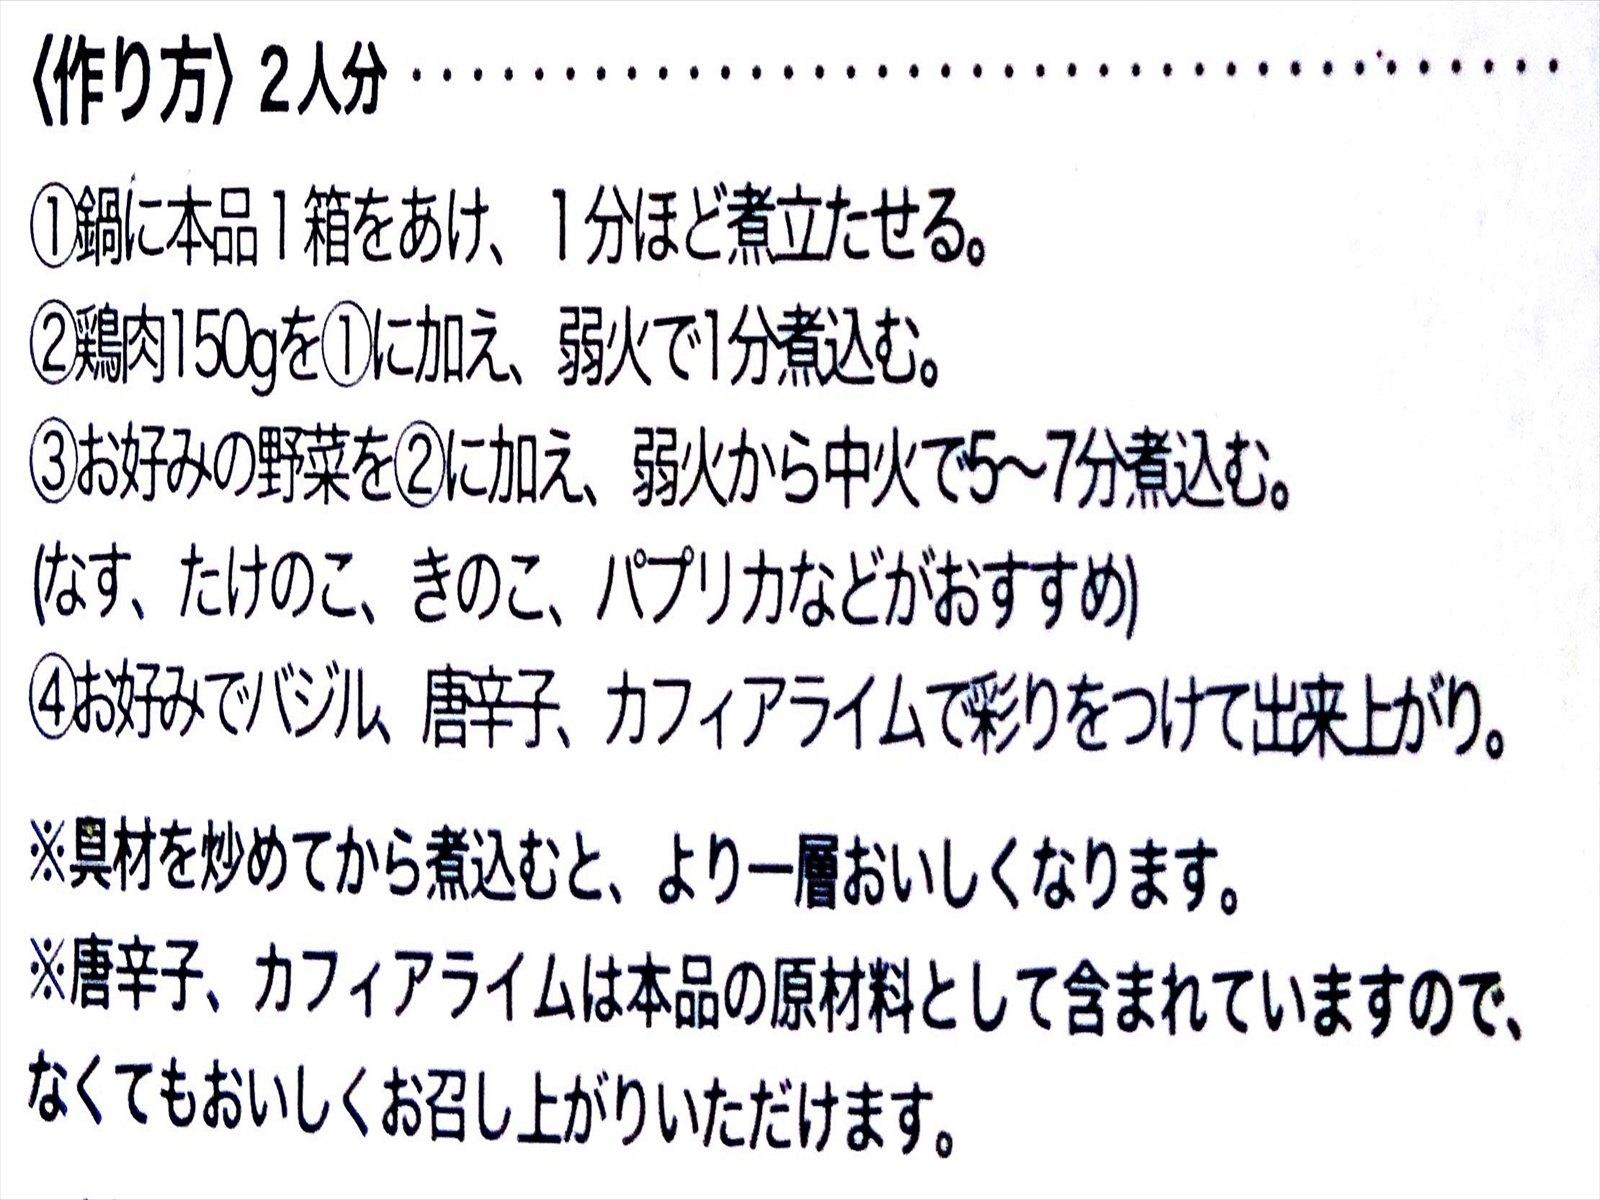 食品表示ラベルに記載されている作り方は、日本語で記載されています。